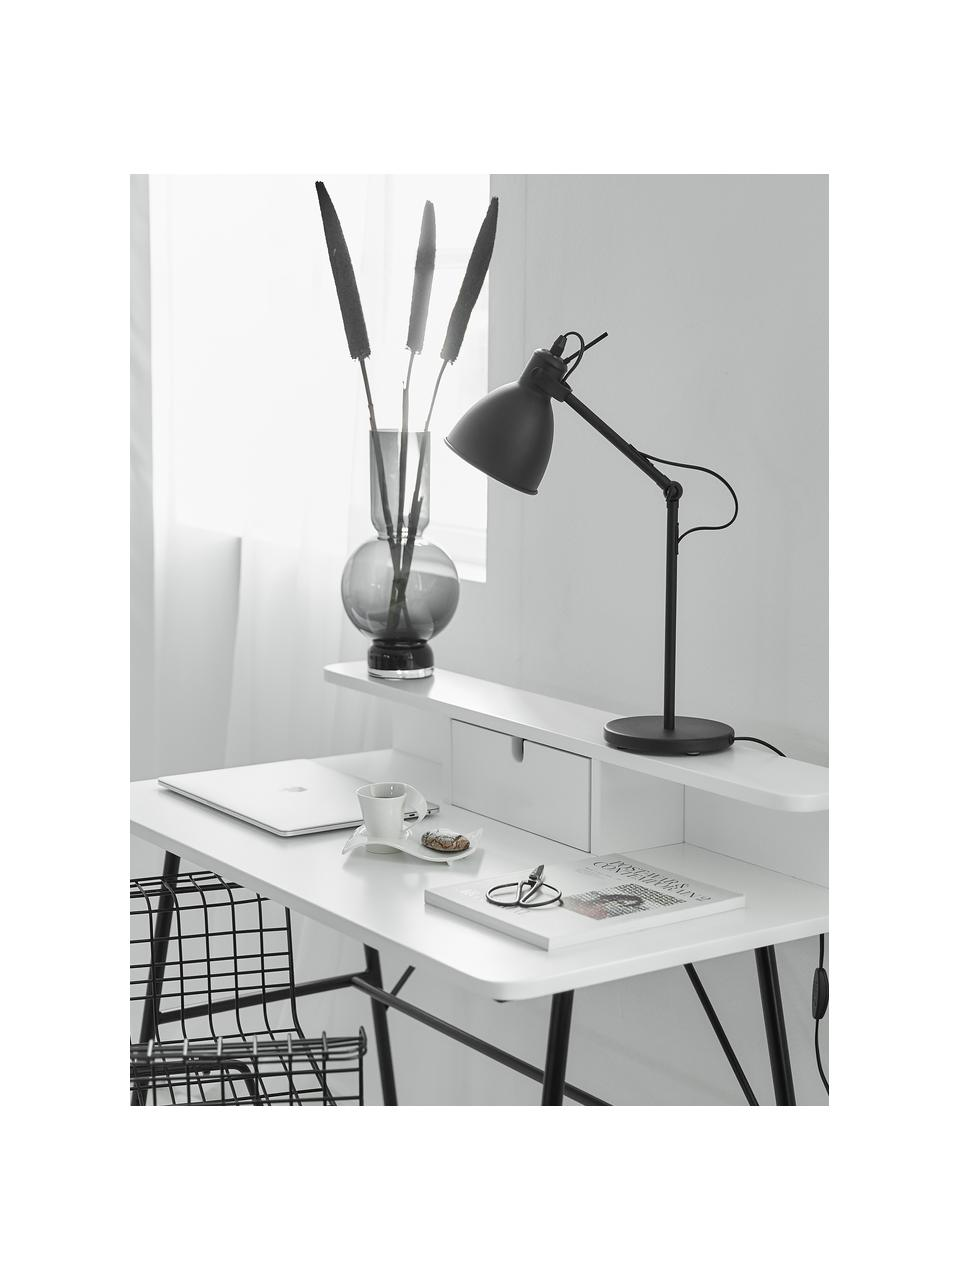 Lampa biurkowa industrial Ethan, Czarny, ∅ 15 x W 43 cm